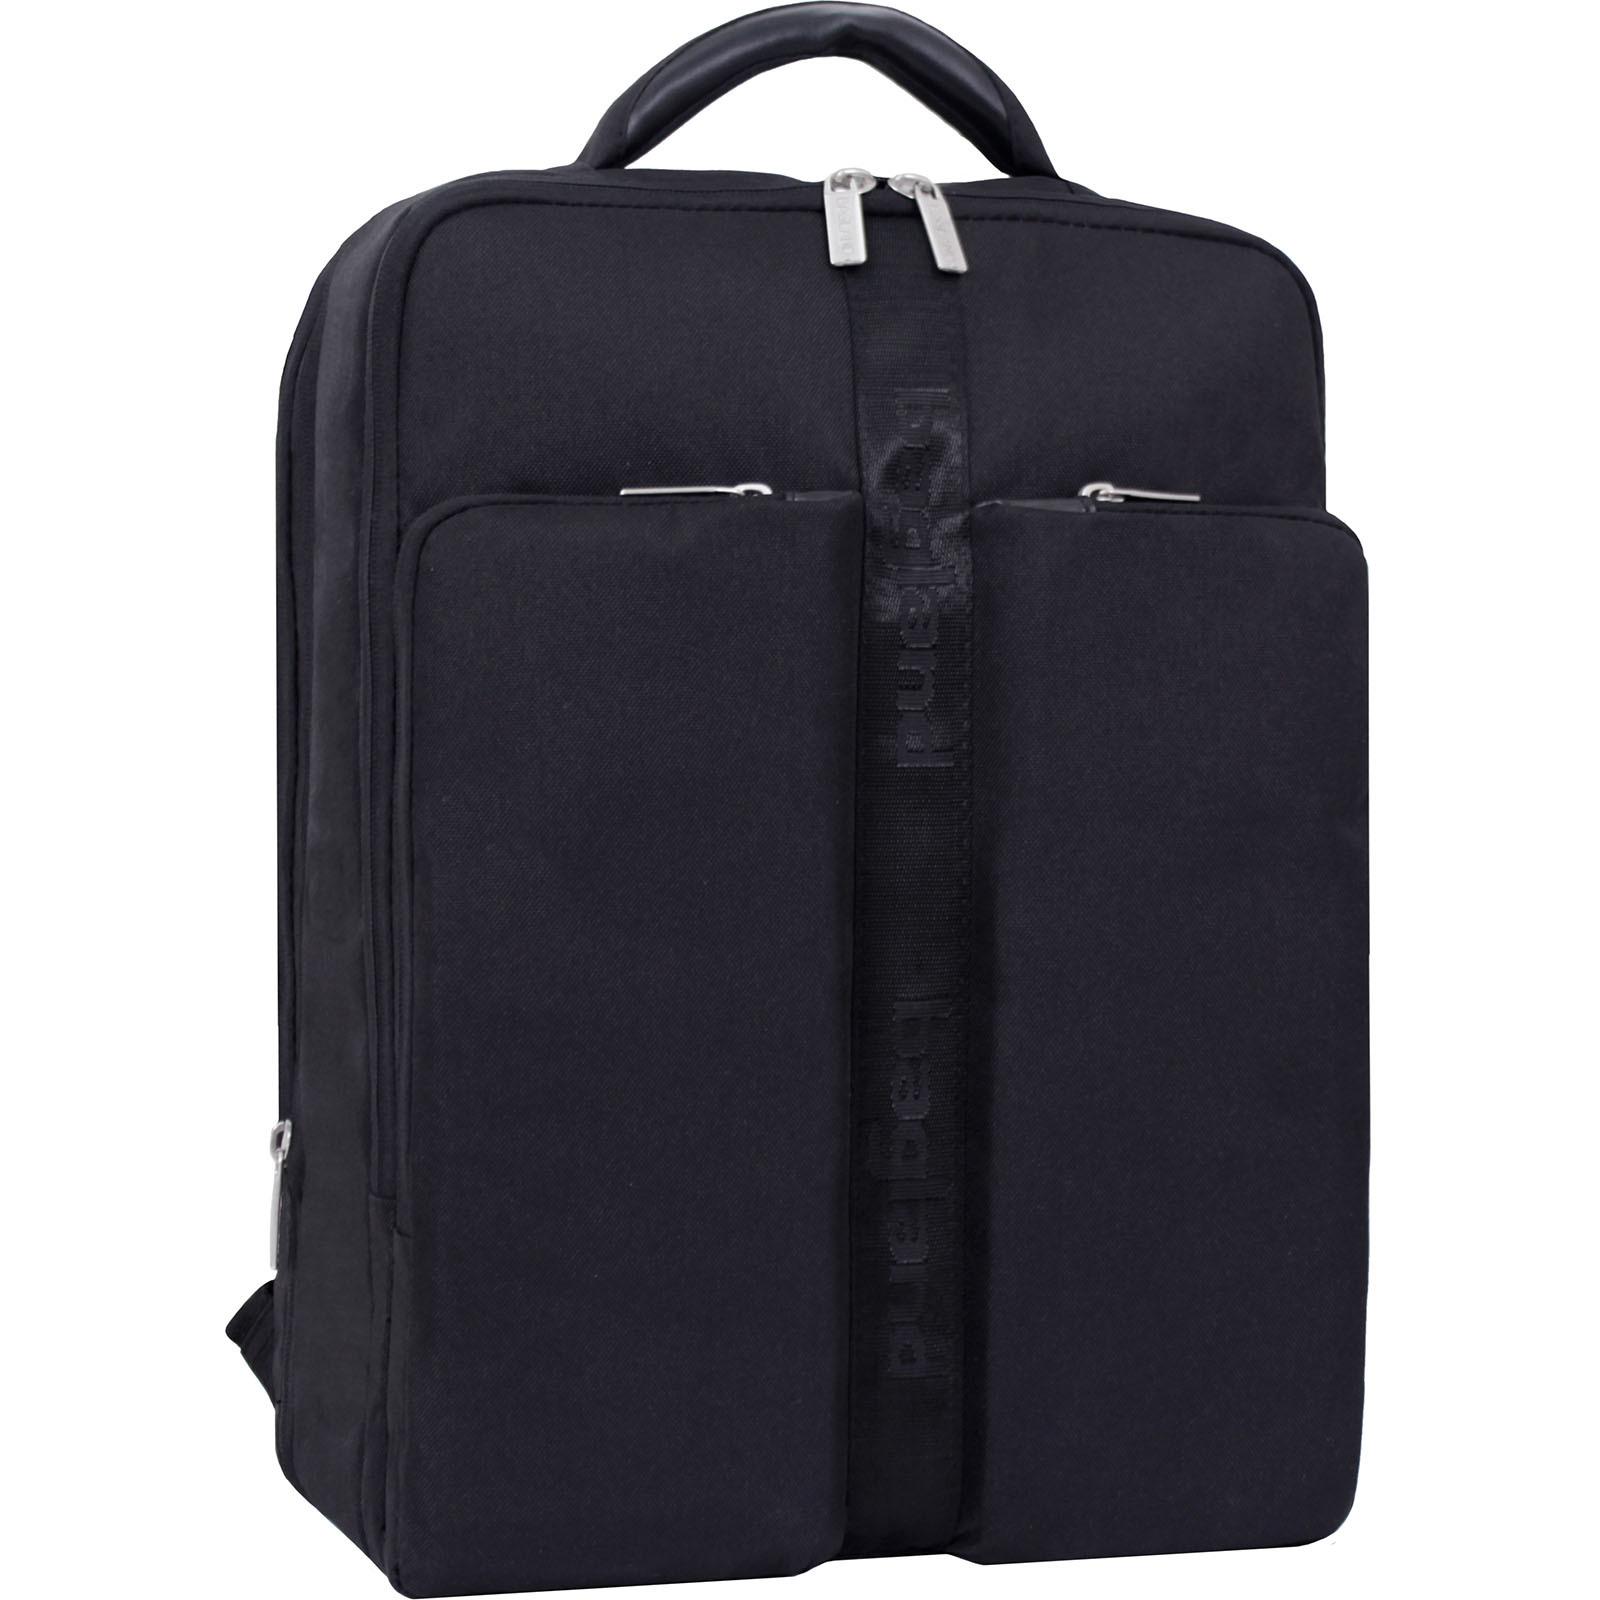 Рюкзак Bagland Boss 16 л. чорний (0052666) фото 1